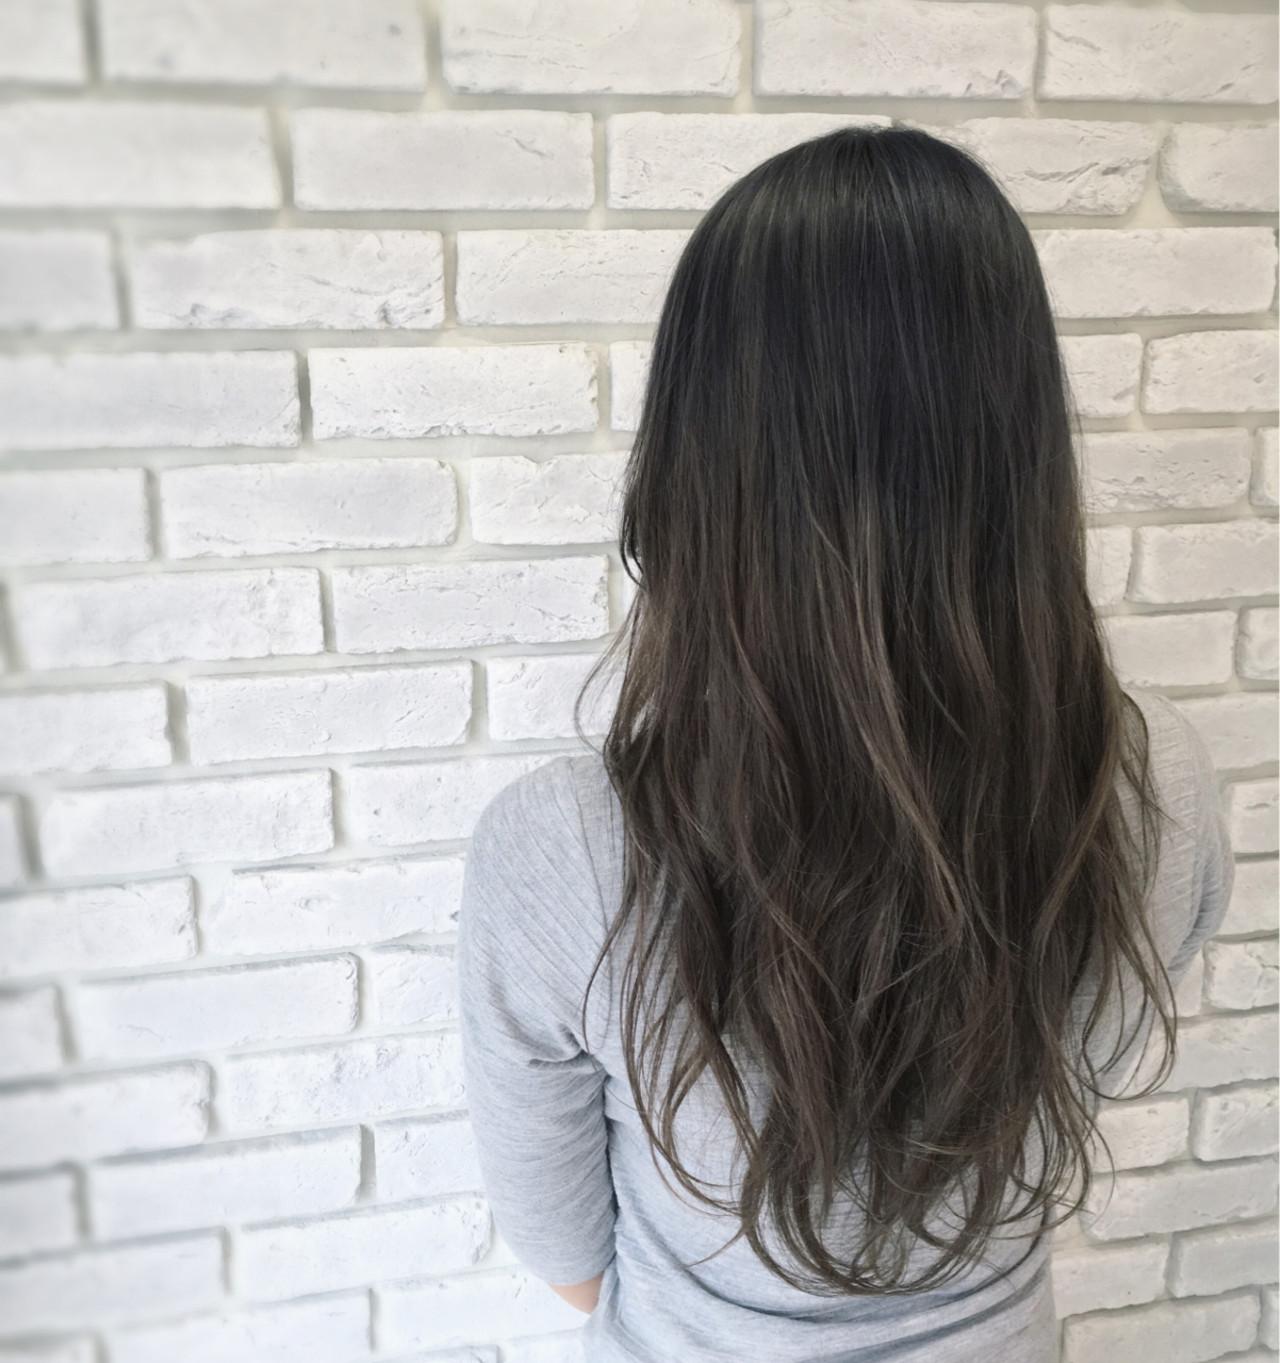 アッシュ グレージュ ストリート グラデーションカラー ヘアスタイルや髪型の写真・画像 | 田中晋也 / prize(プライズ)表参道店